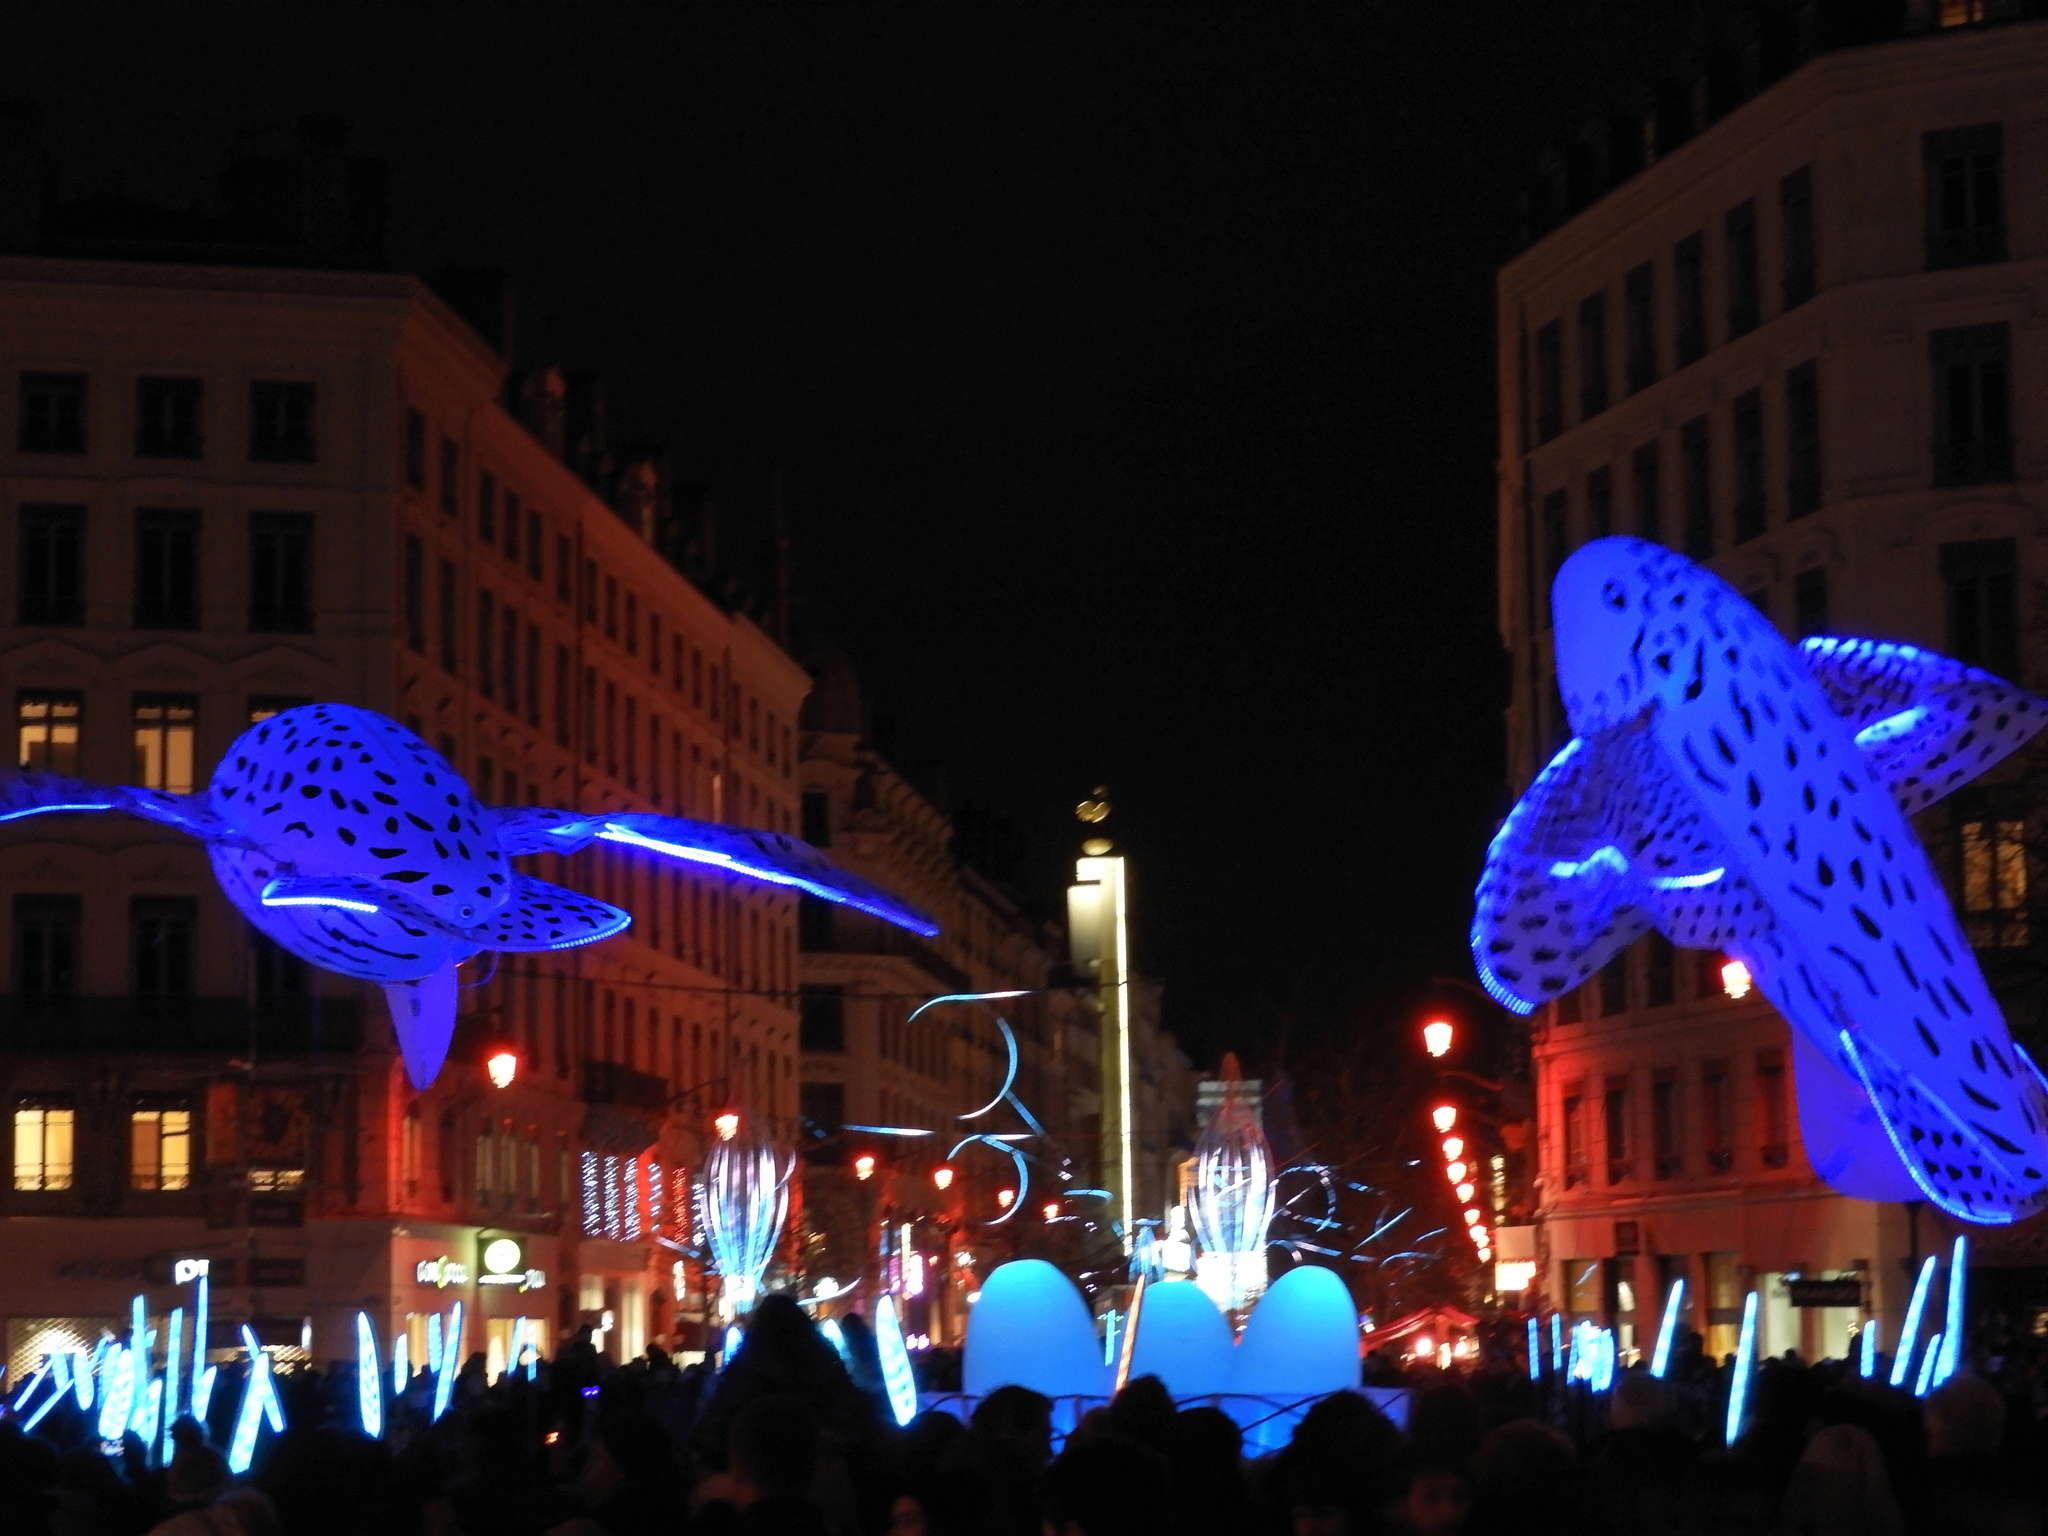 la fête des lumières: un 8 décembre multicolore à LYON  Dscn2216